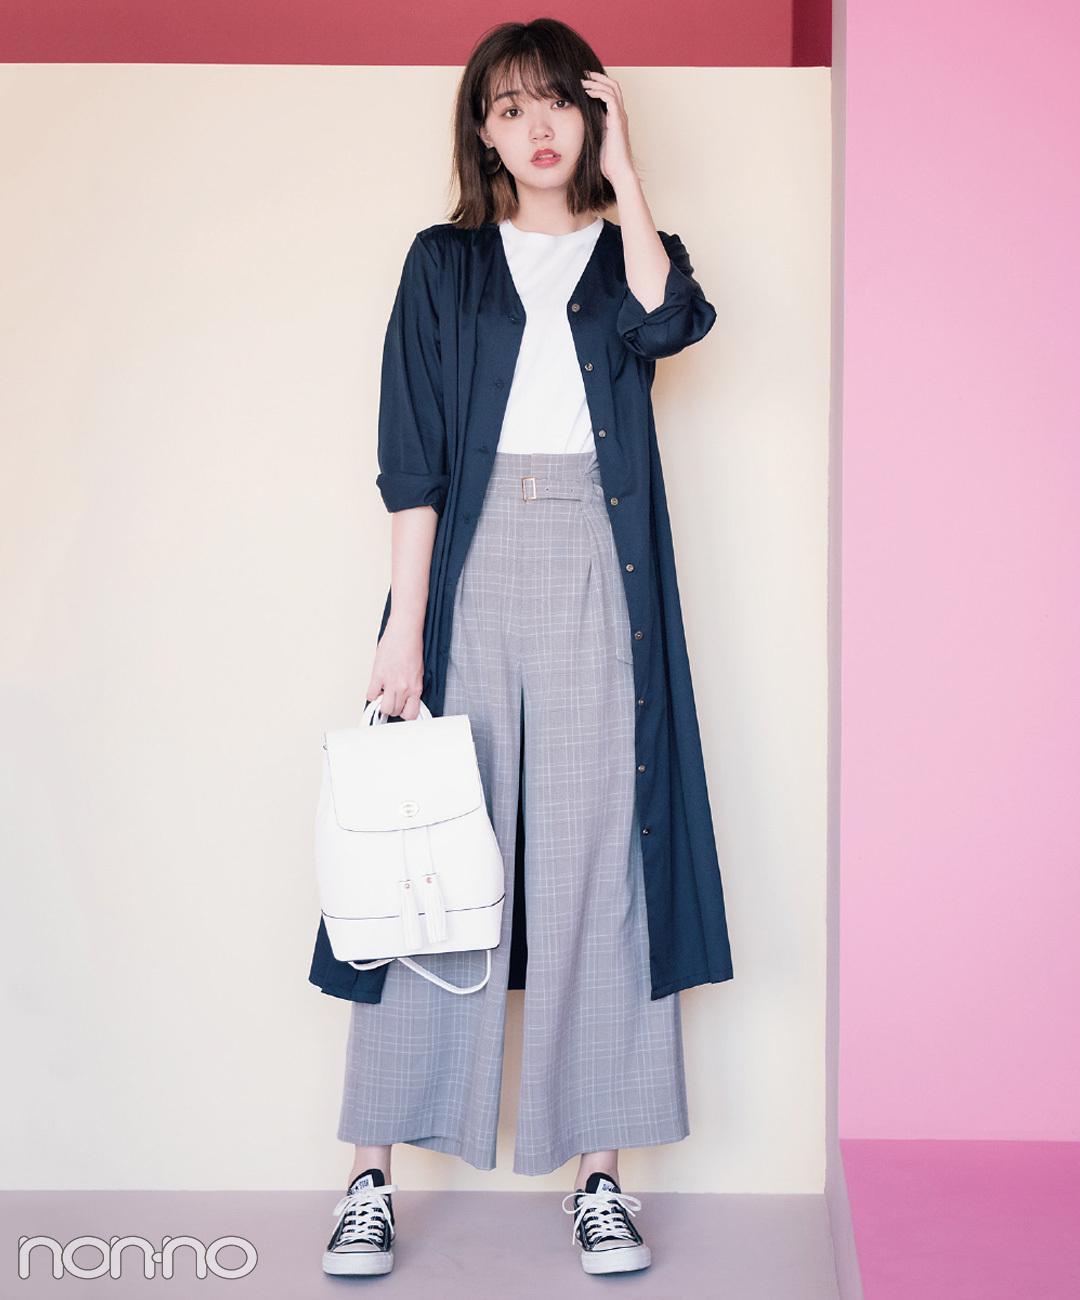 【秋のスニーカーコーデ】江野沢愛美は、秋色ワンピをスニーカーでハンサムに!